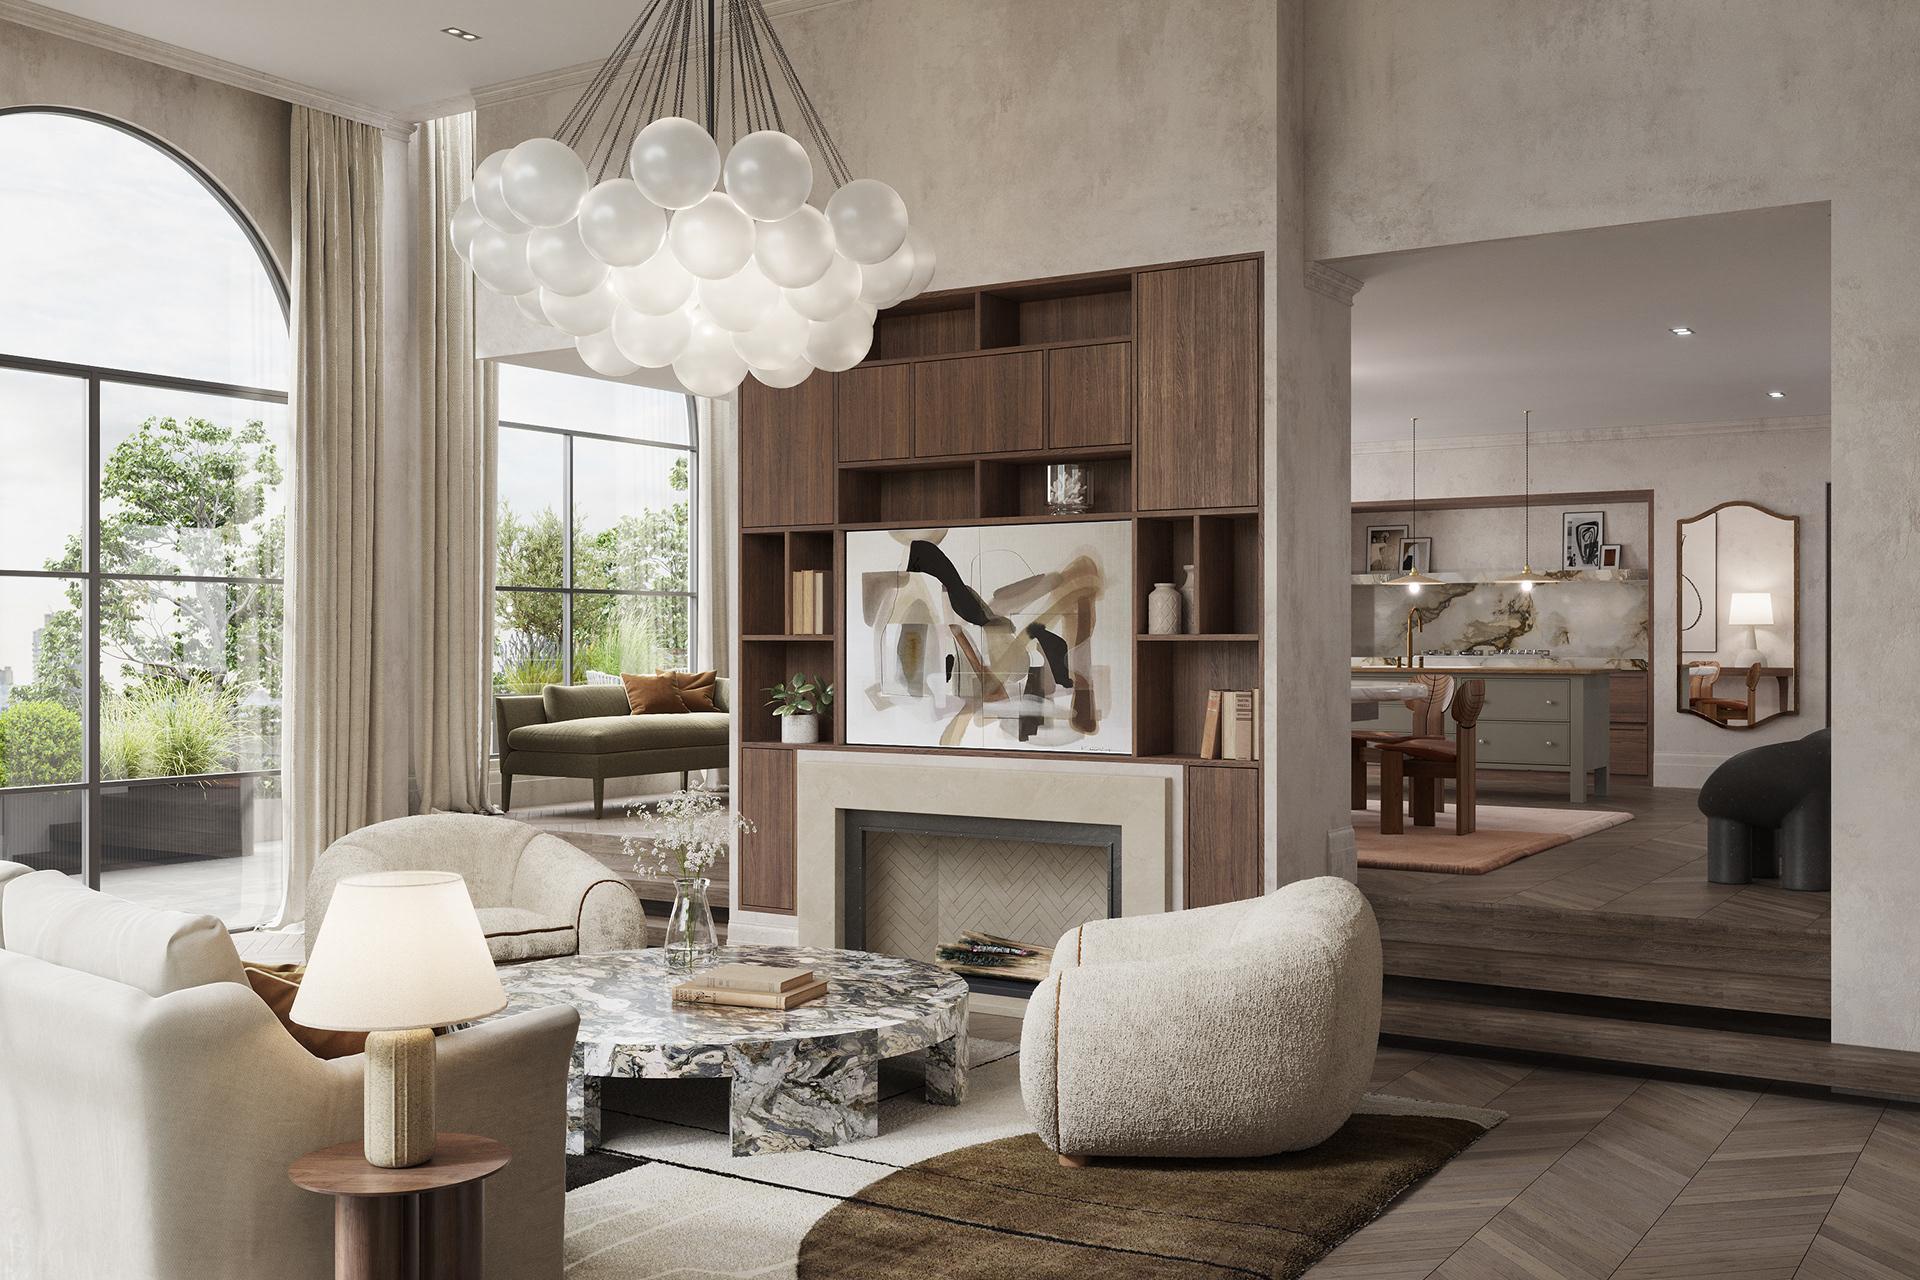 Các phong cách thiết kế nội thất chung cư Vinhomes Ocean Park được ưa chuộng nhất hiện nay